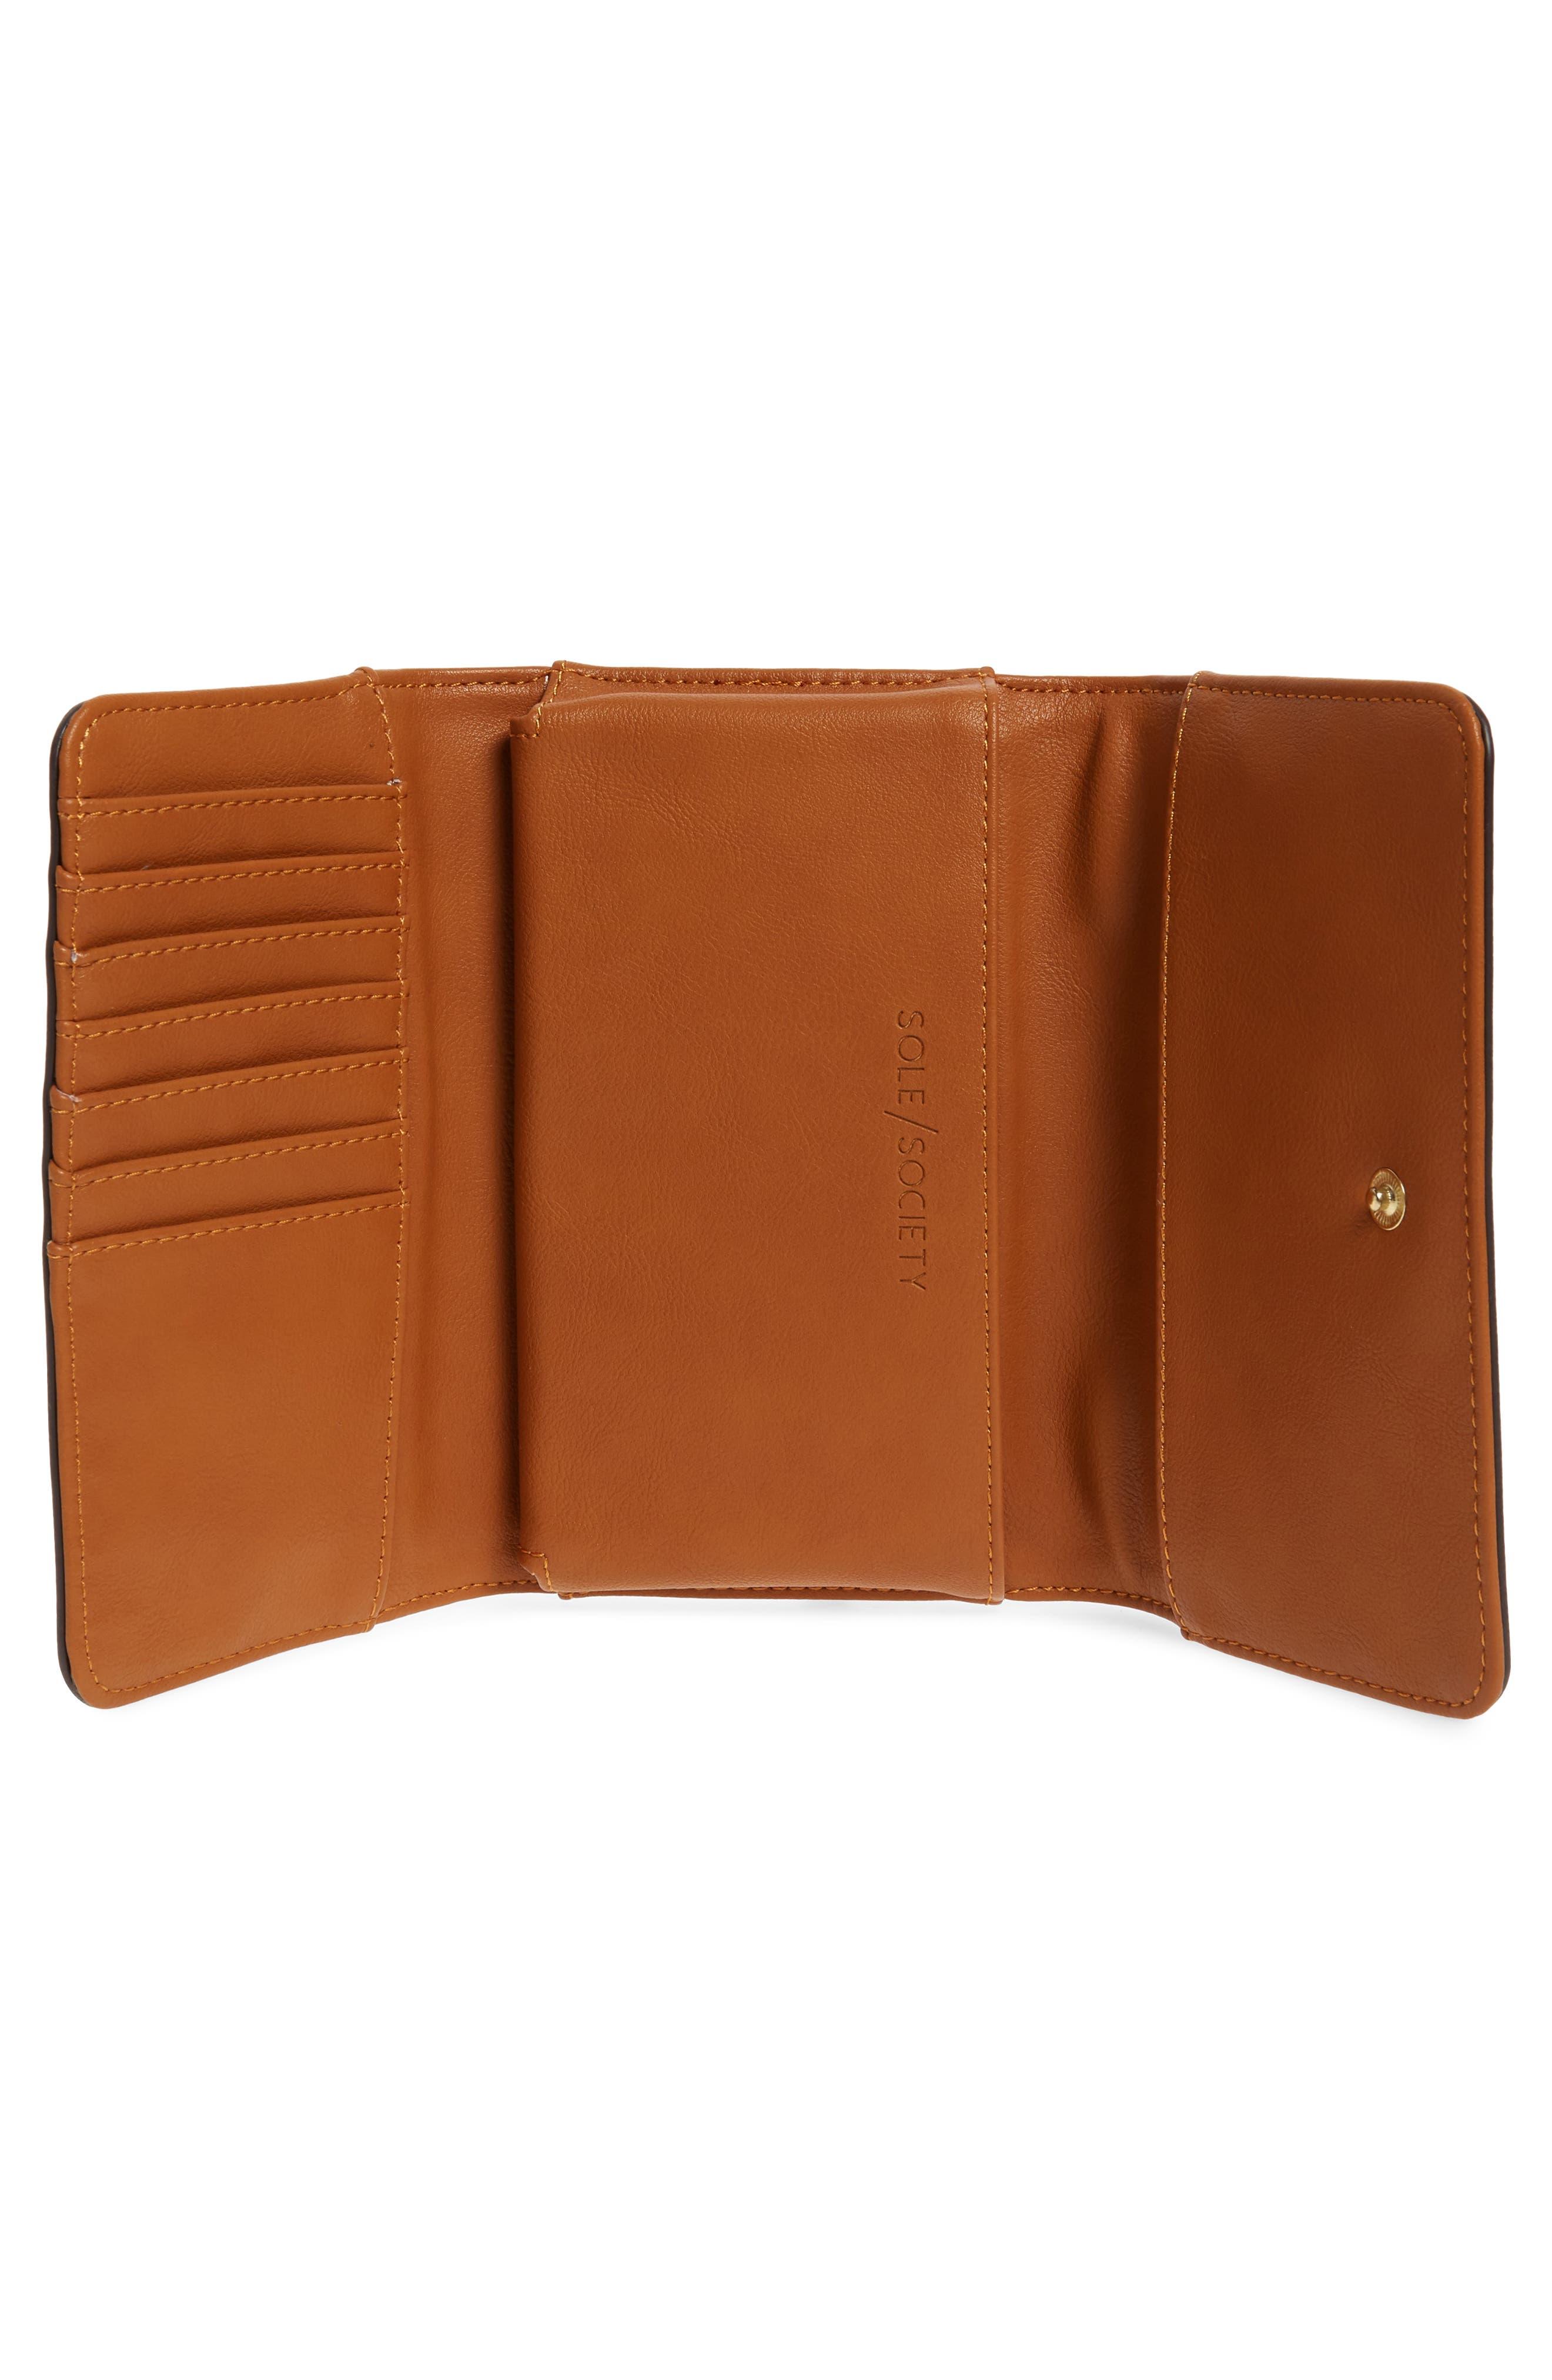 Faux Leather Phone Wallet,                             Alternate thumbnail 4, color,                             COGNAC